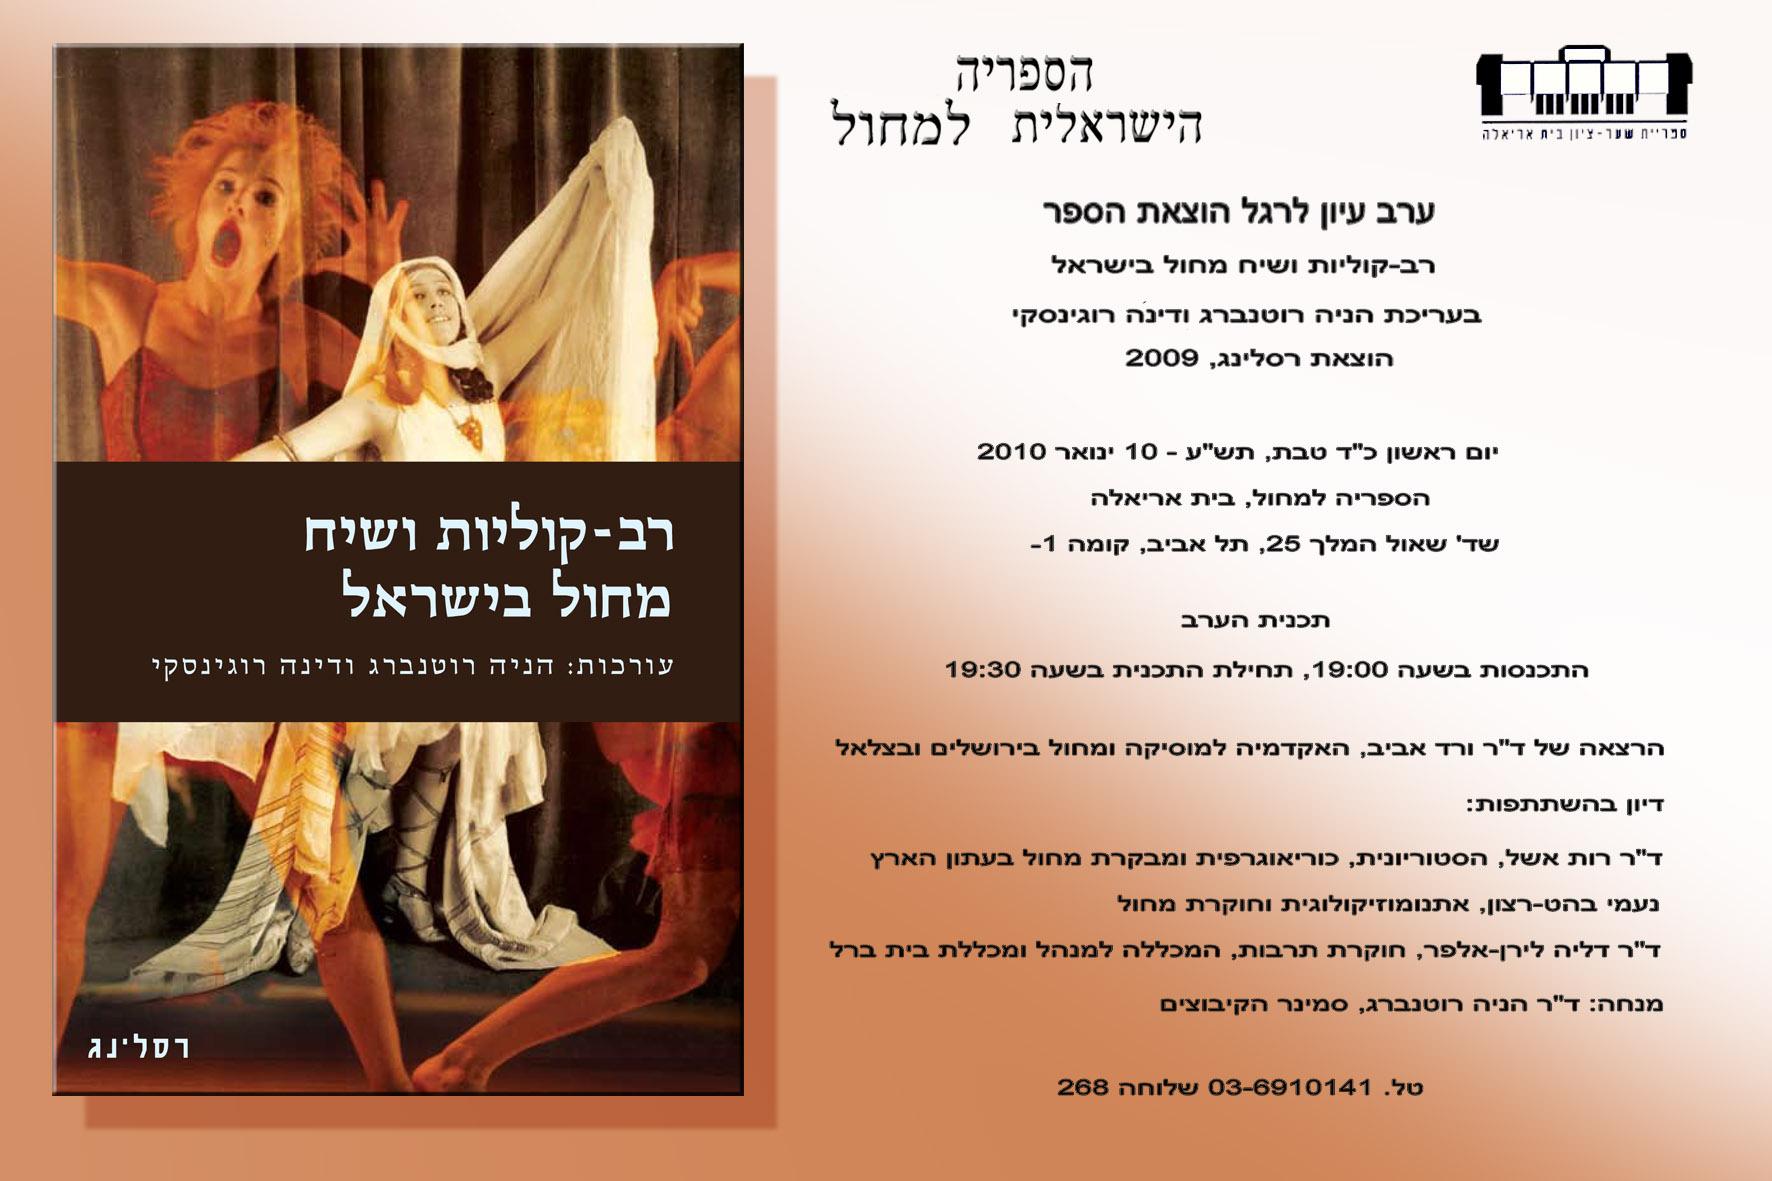 ערב עיון לרגל הוצאת הספר רב קוליות ושיח מחול בישראל – 10 ינואר 2010